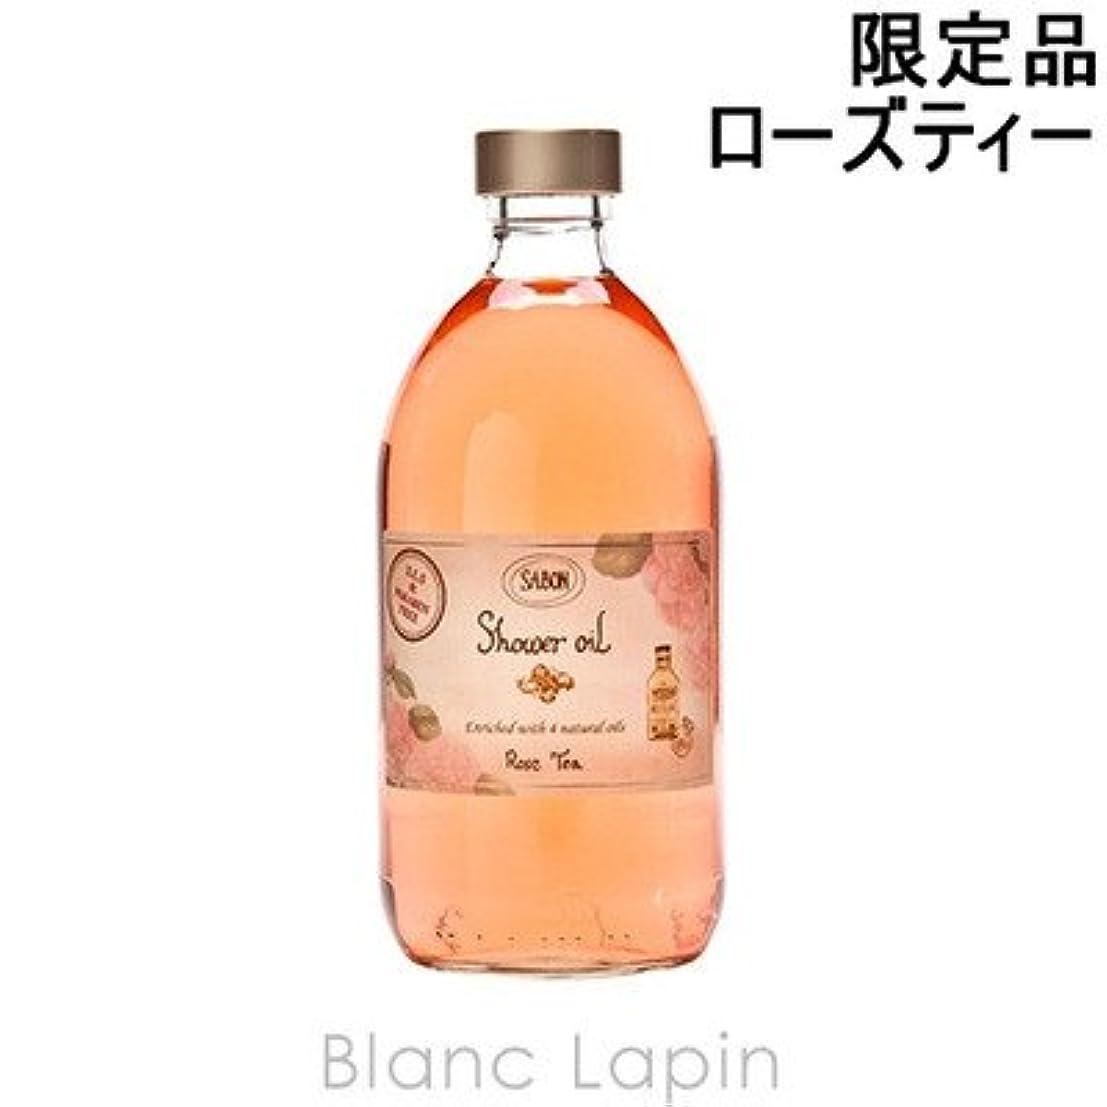 事天皇パイサボン シャワーオイル ローズ ティー 500ml【限定商品】